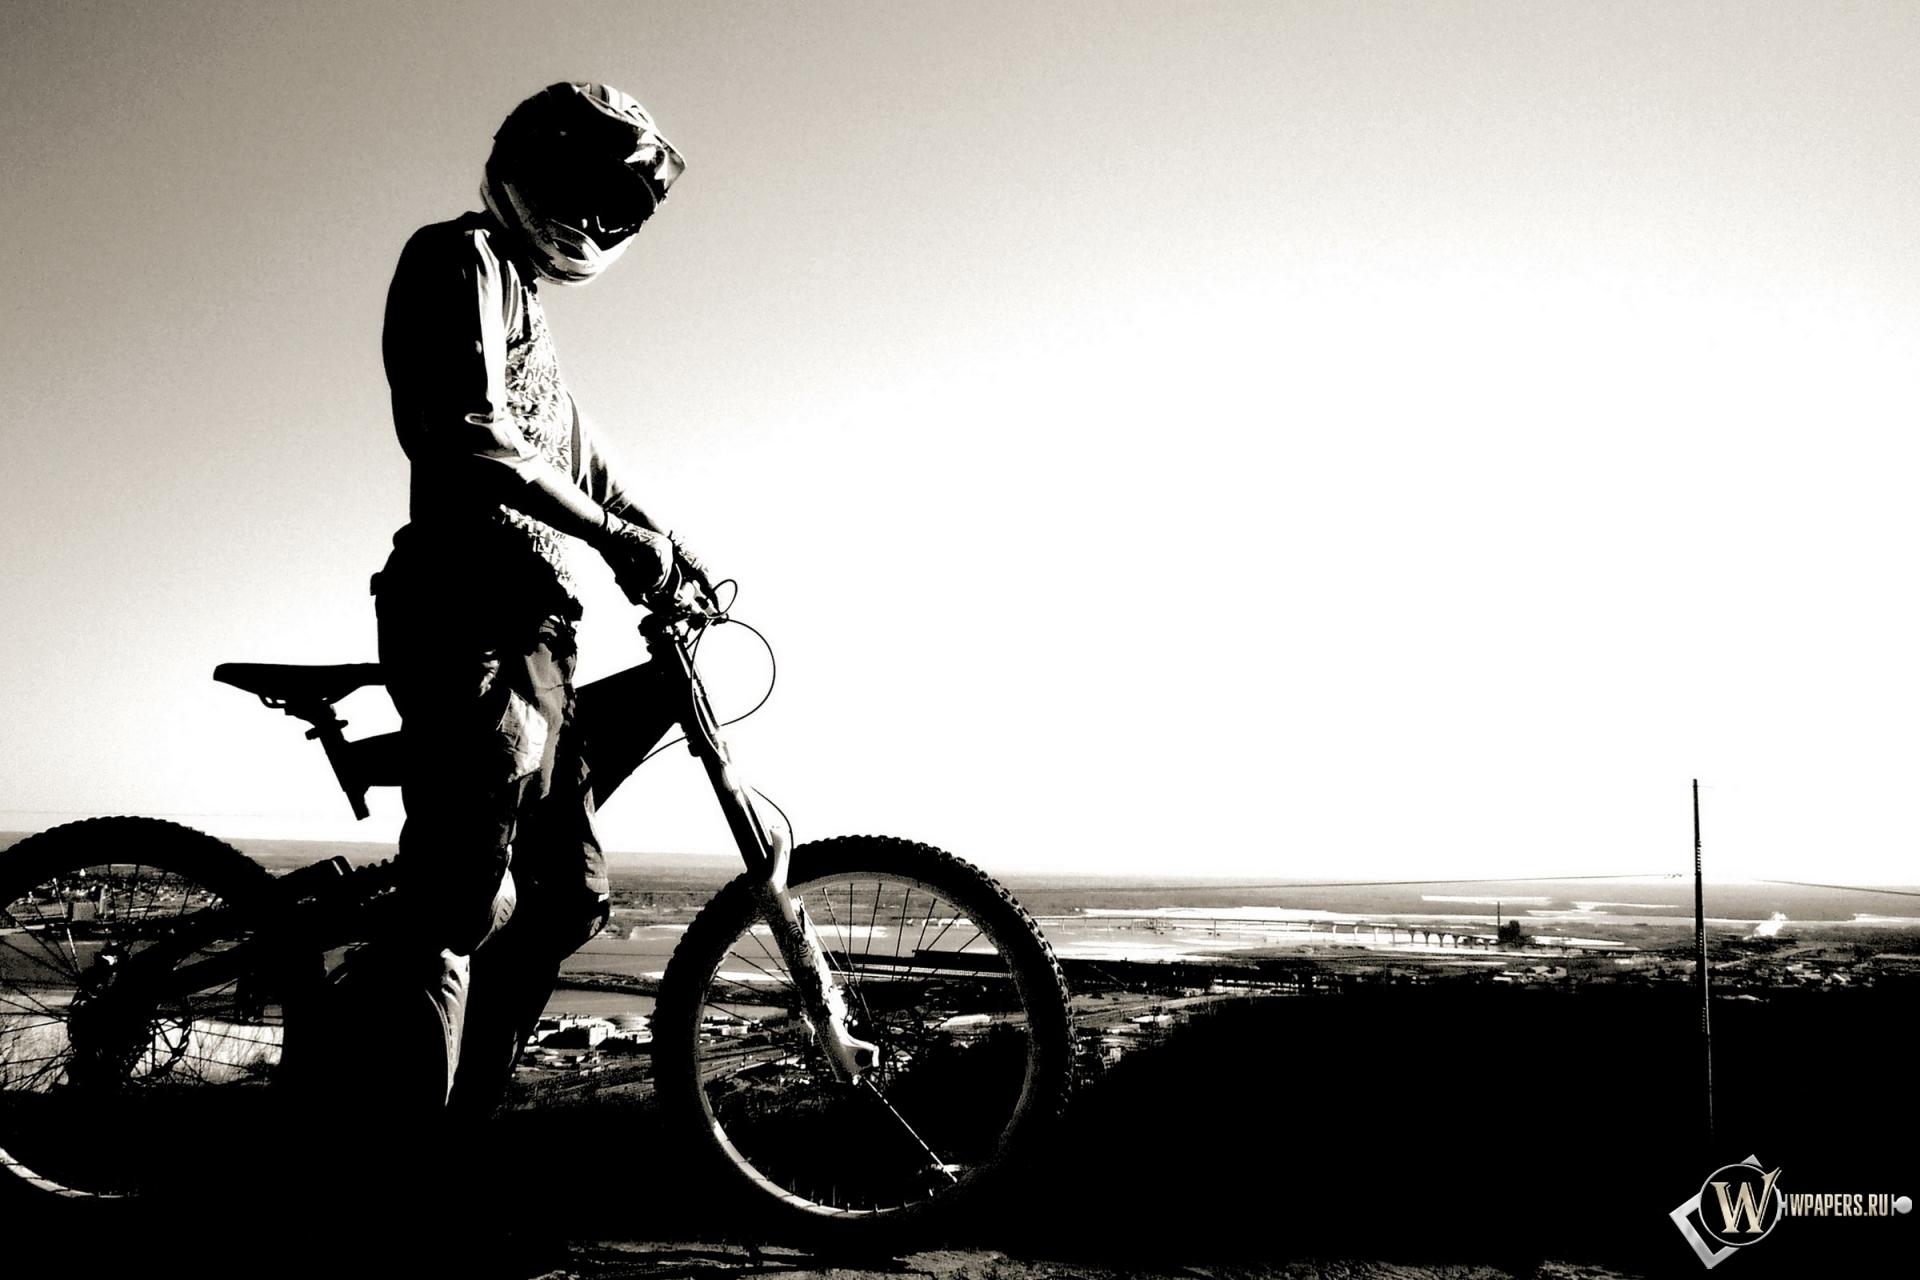 Велосипедист 1920x1280